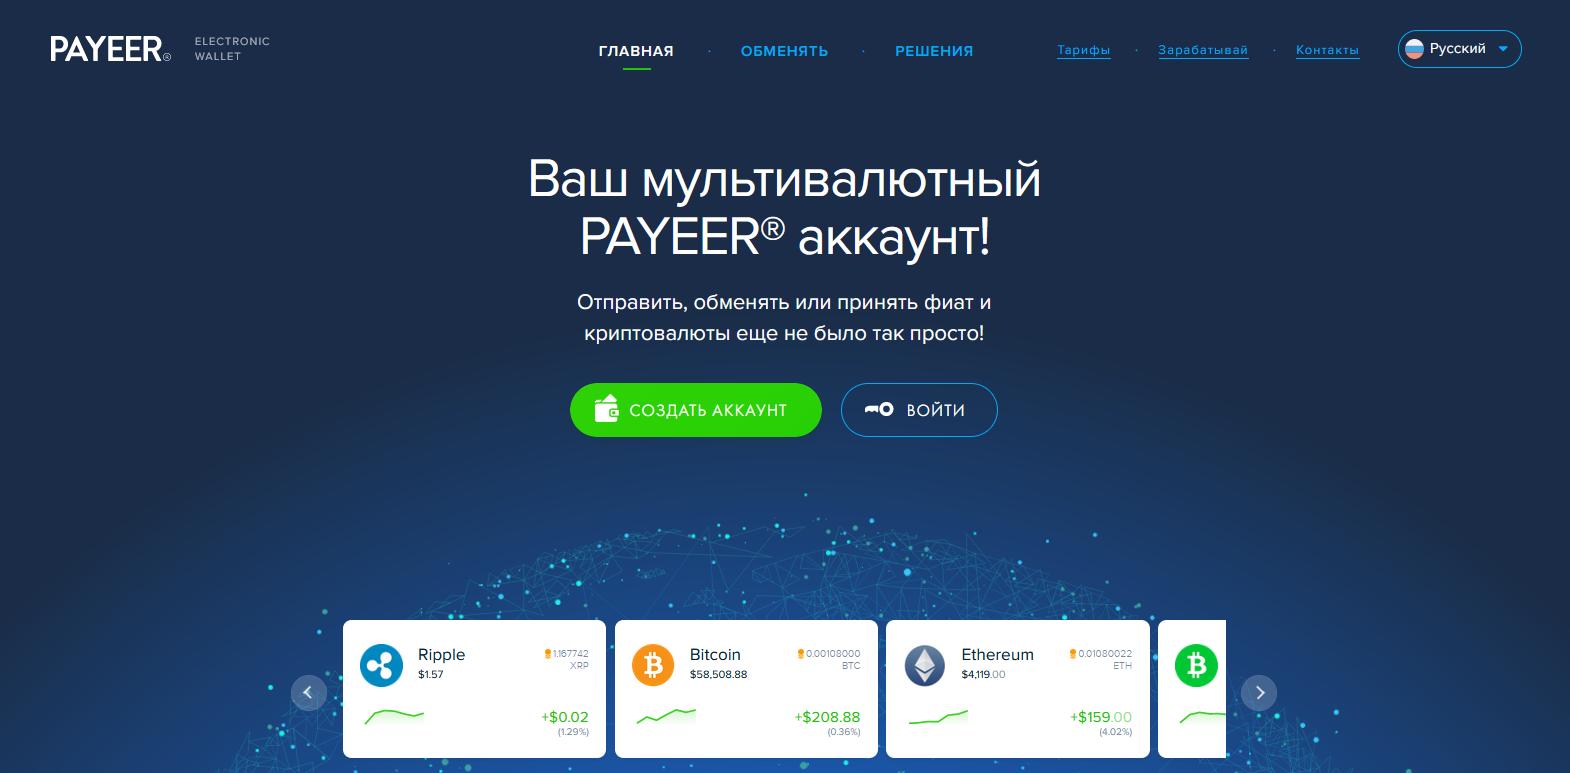 Ваш мультивалютный PAYEER® аккаунт